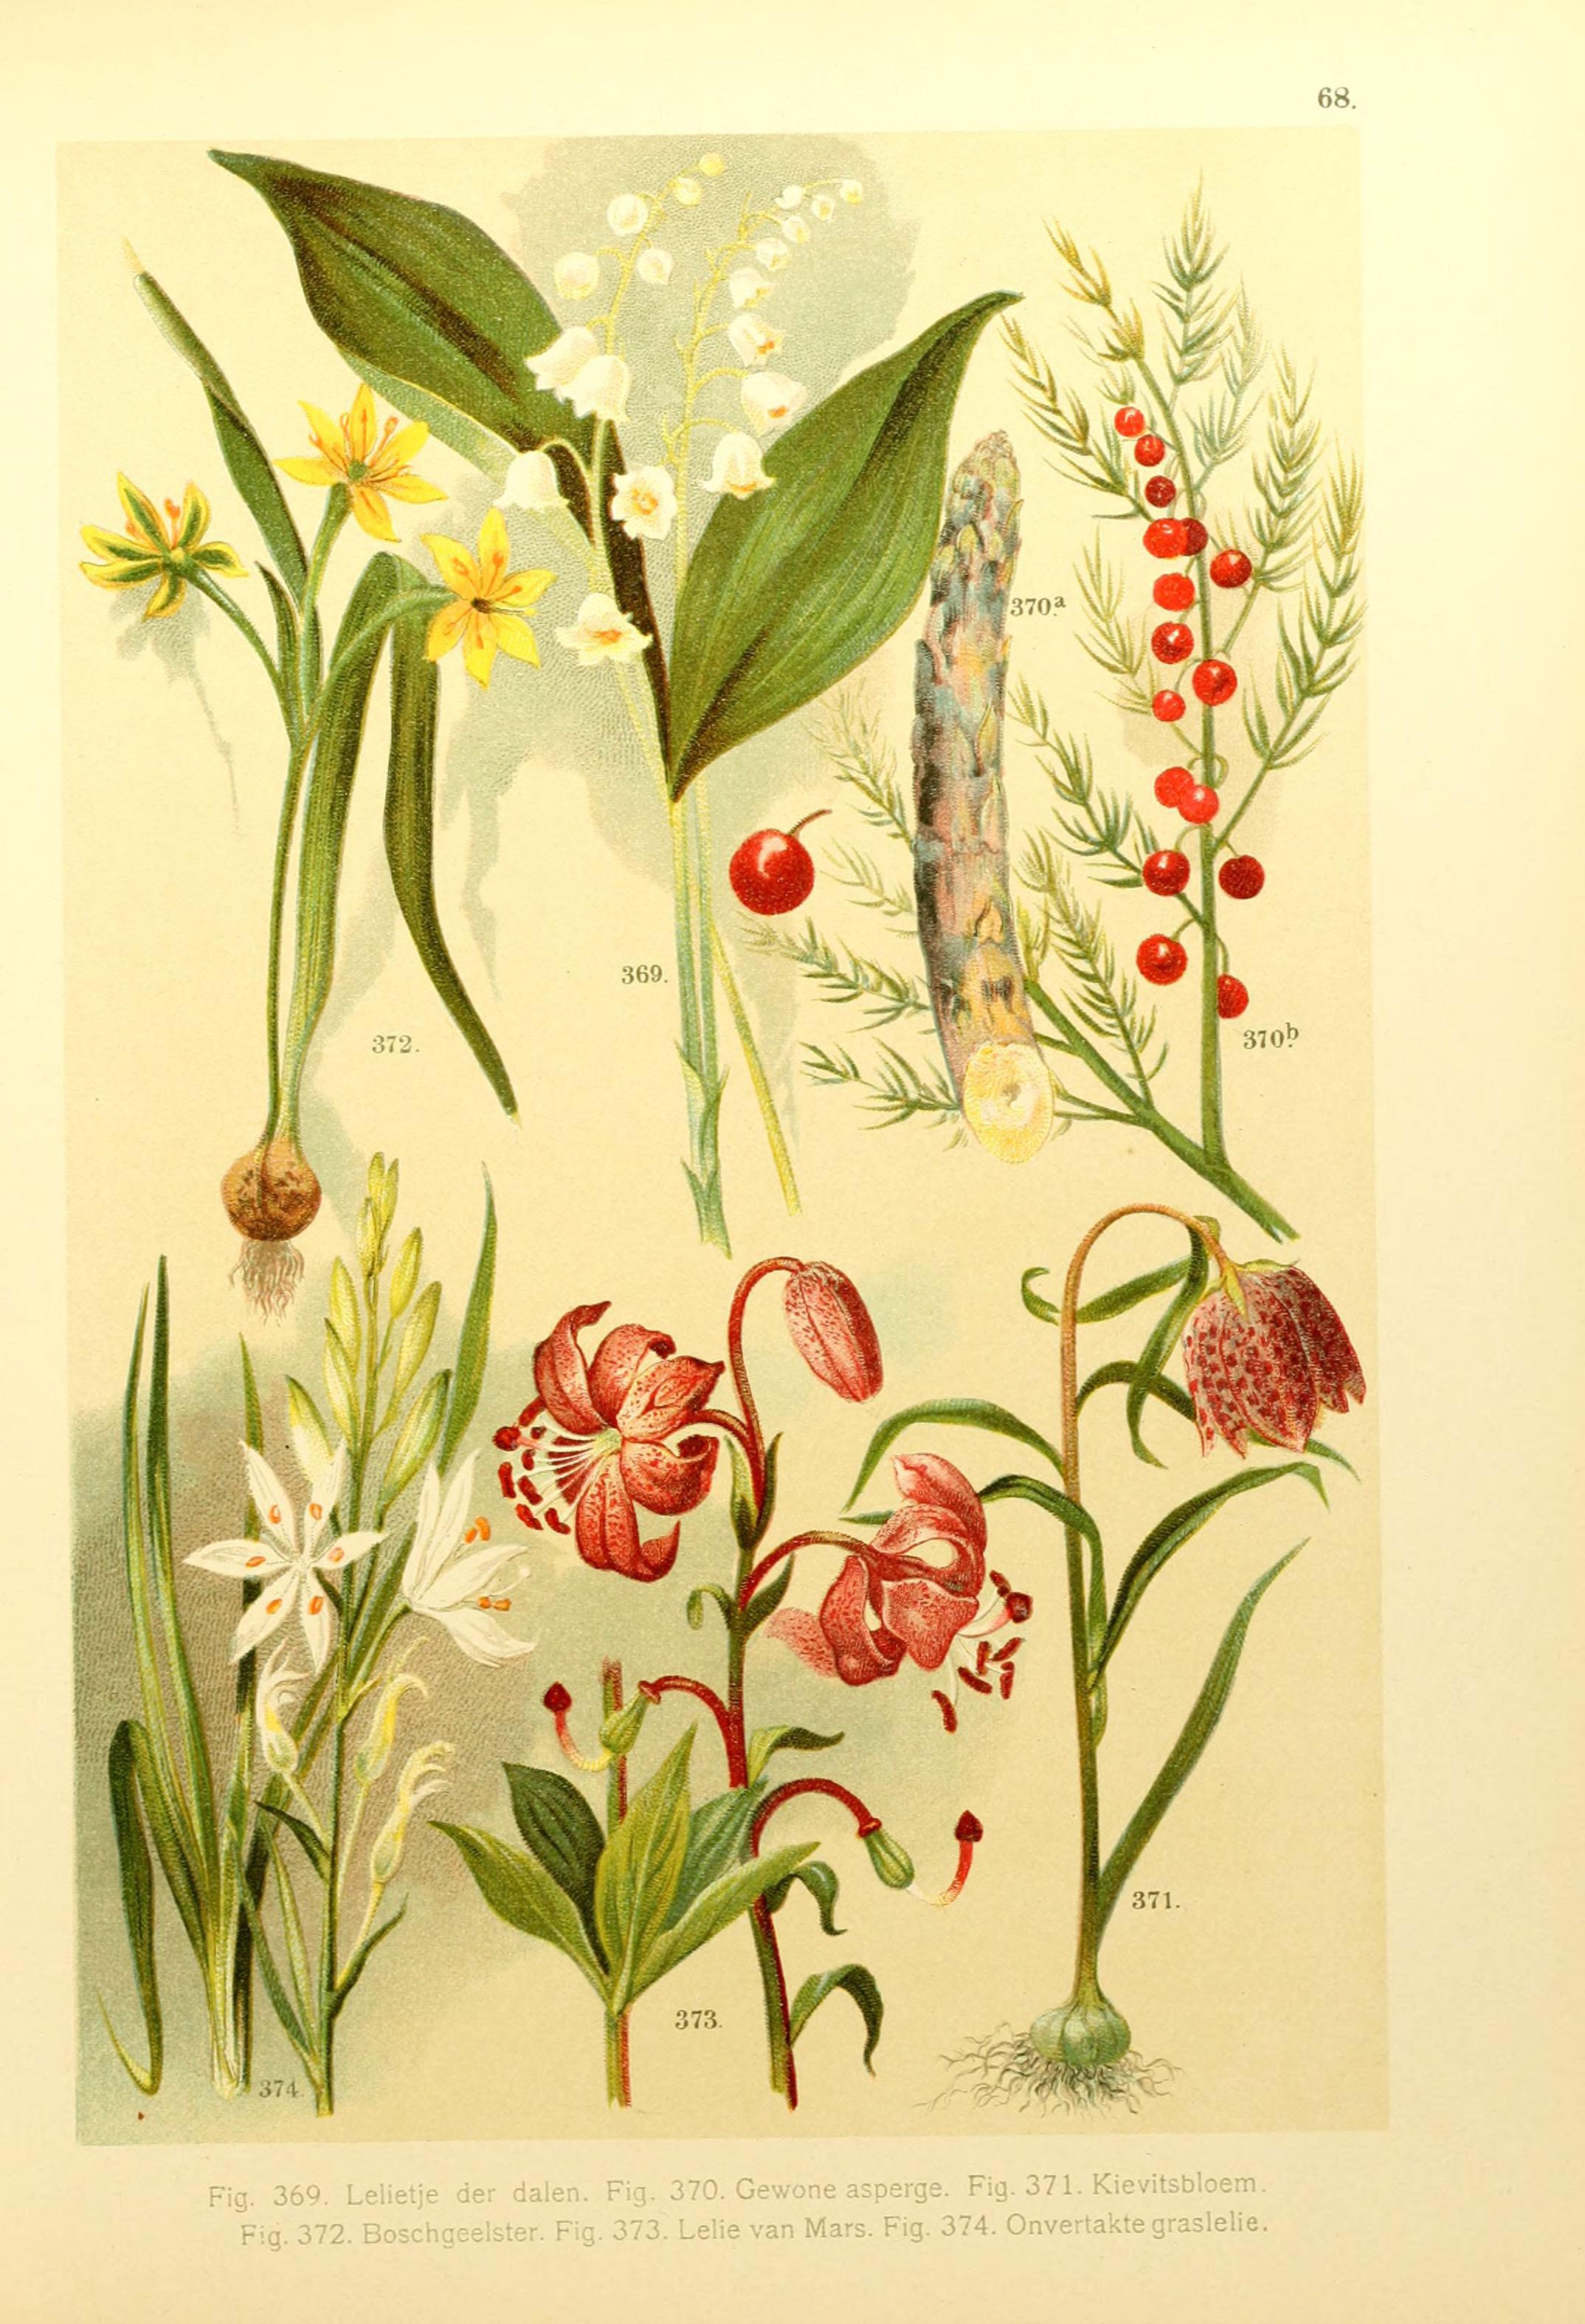 Onze flora Zutphen,W.J. Thieme,1900. http://biodiversitylibrary.org/item/39998